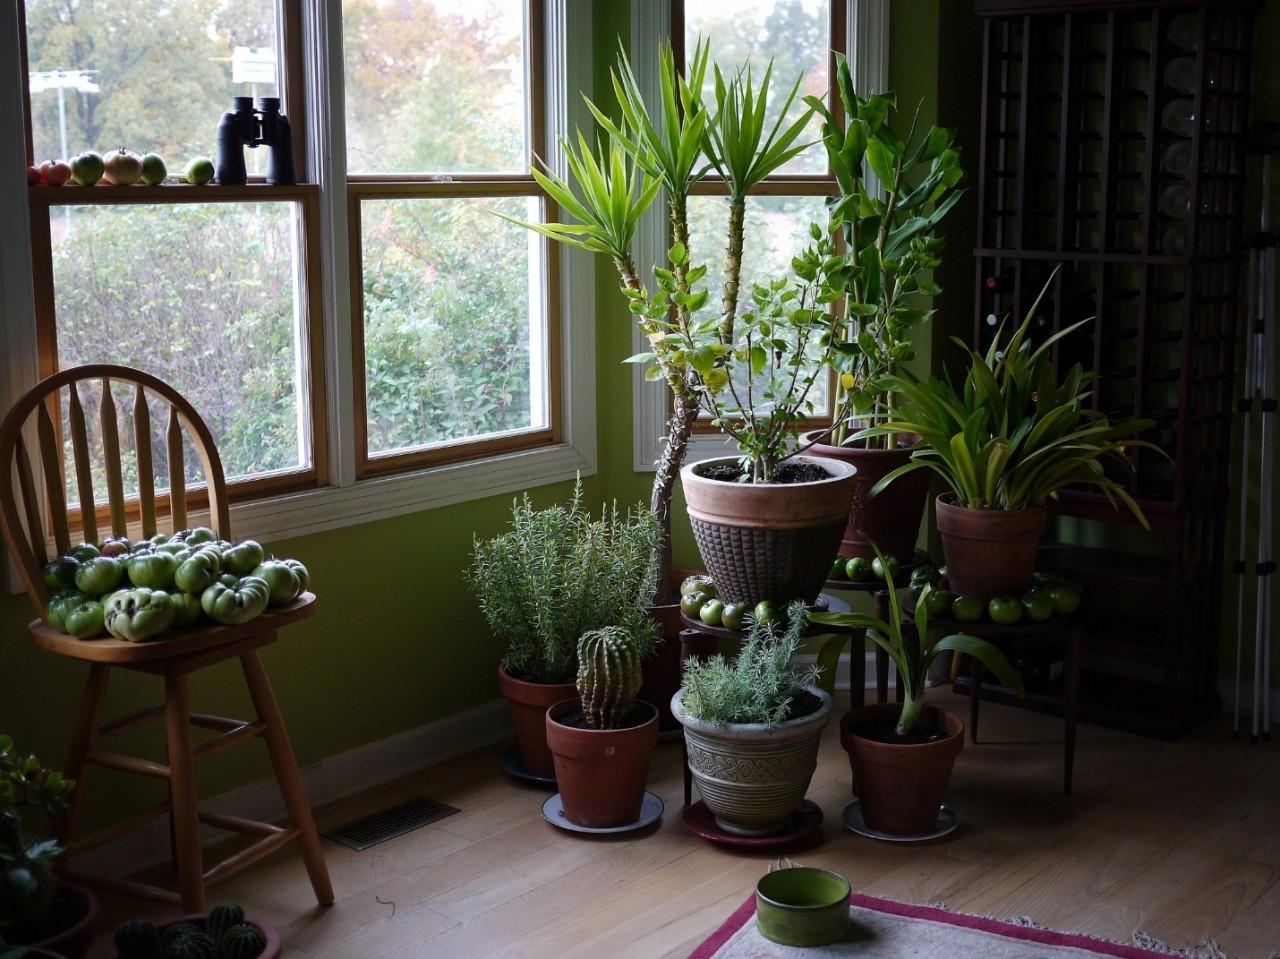 Если не хочешь навлечь беду в дом, значит, не заводи эти растения в своей квартире